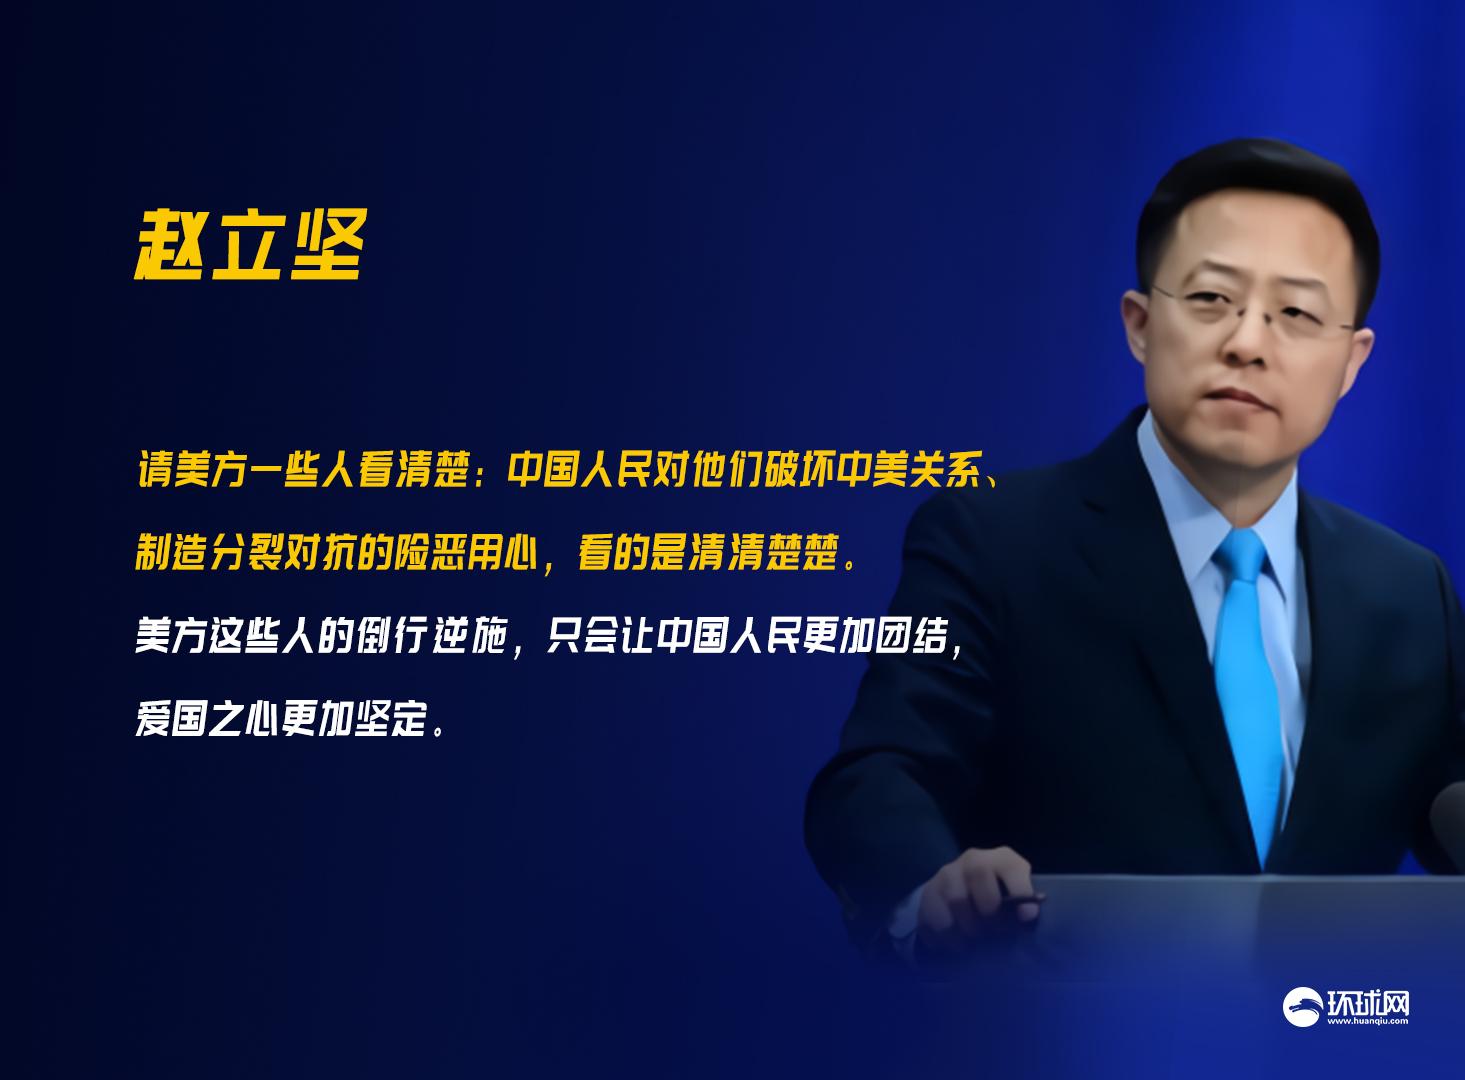 """环球时报调查显示超97%网友支持""""中国采取反制措施回击美挑衅"""",赵立坚:建议美方看一看插图"""